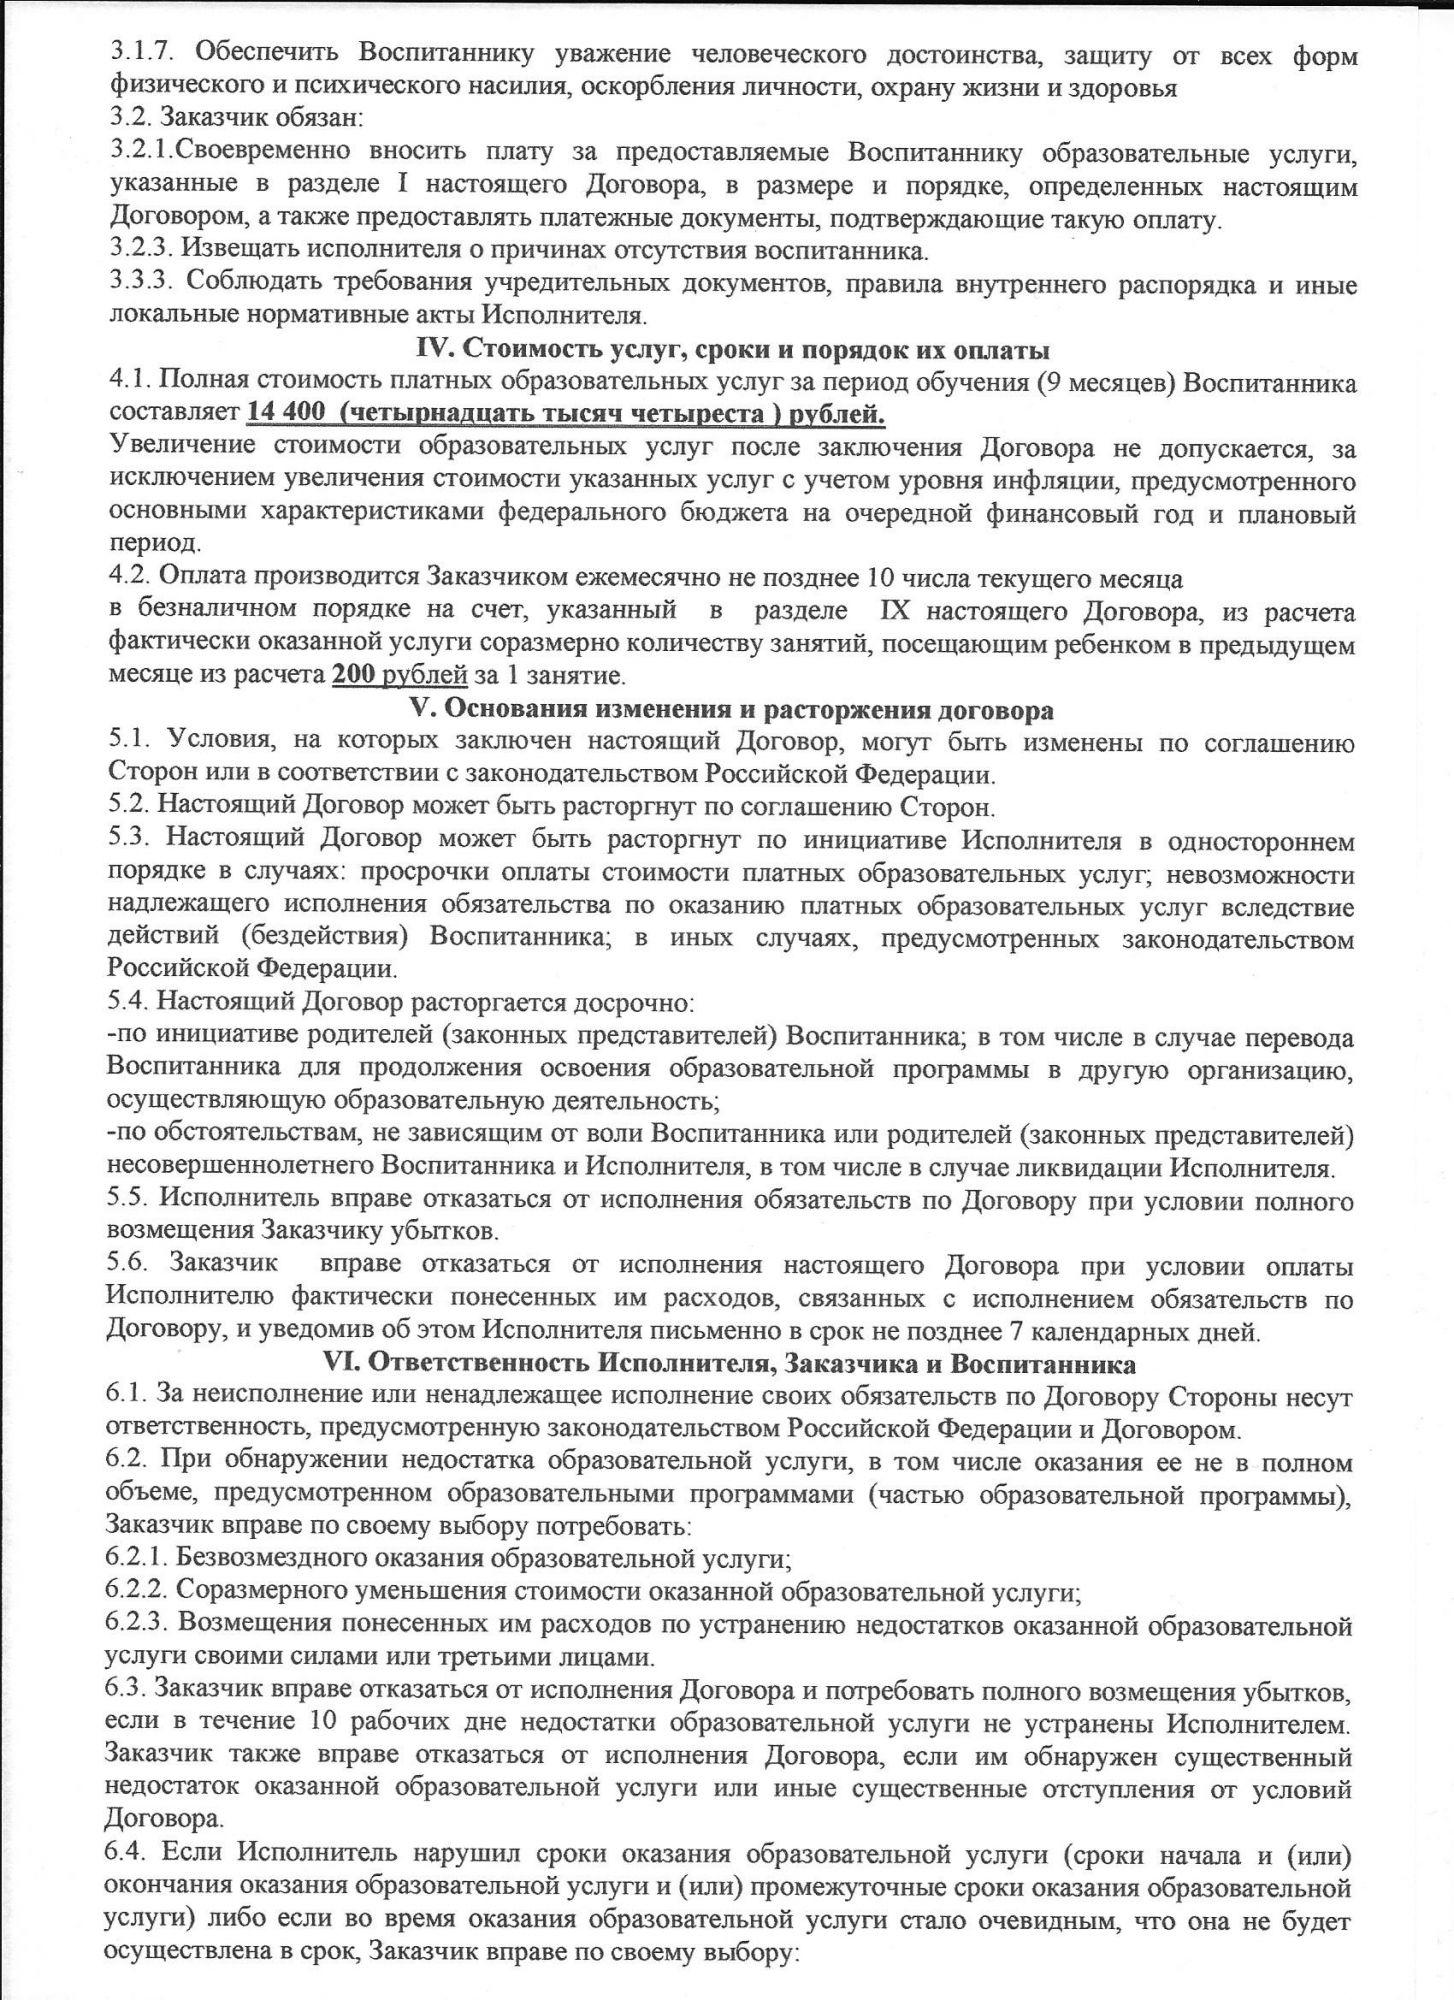 должностные инструкции заместителя директора по ахч или ах